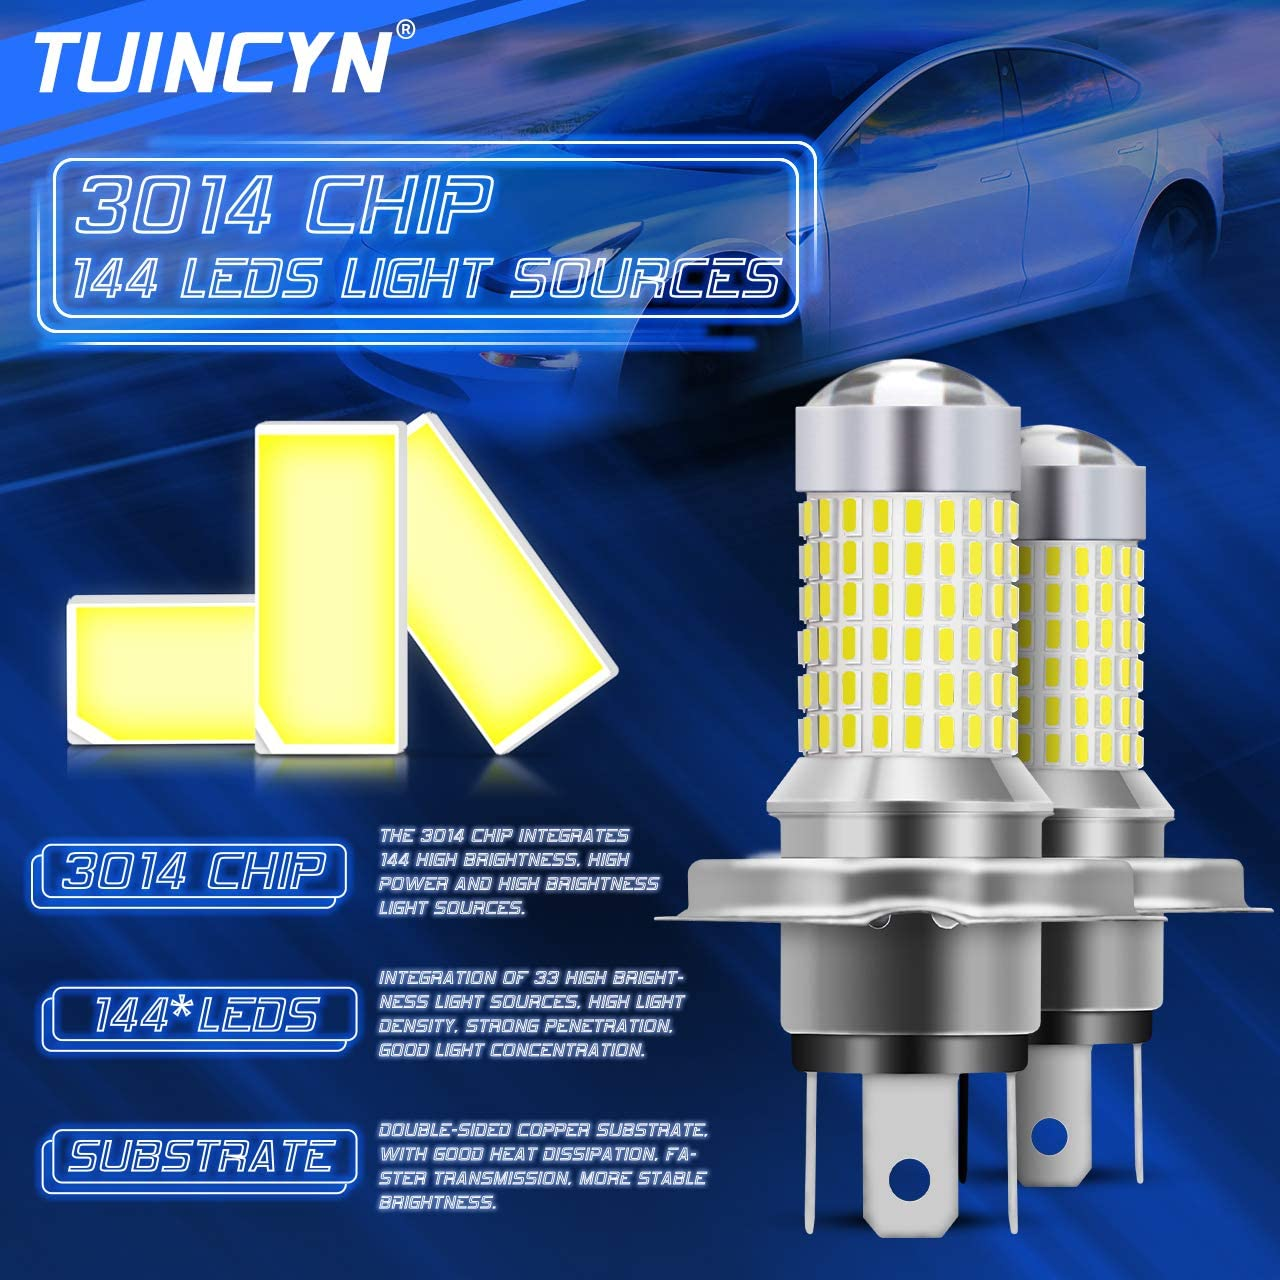 DRL super brillant Lampe de route DC 12V-24V pack de 2 TUINCYN 9006 HB4 Ampoule antibrouillard /à LED blanc x/énon 6000K 3014 jeux de puces 144SMD Feu de jour /à diodes /électroluminescentes